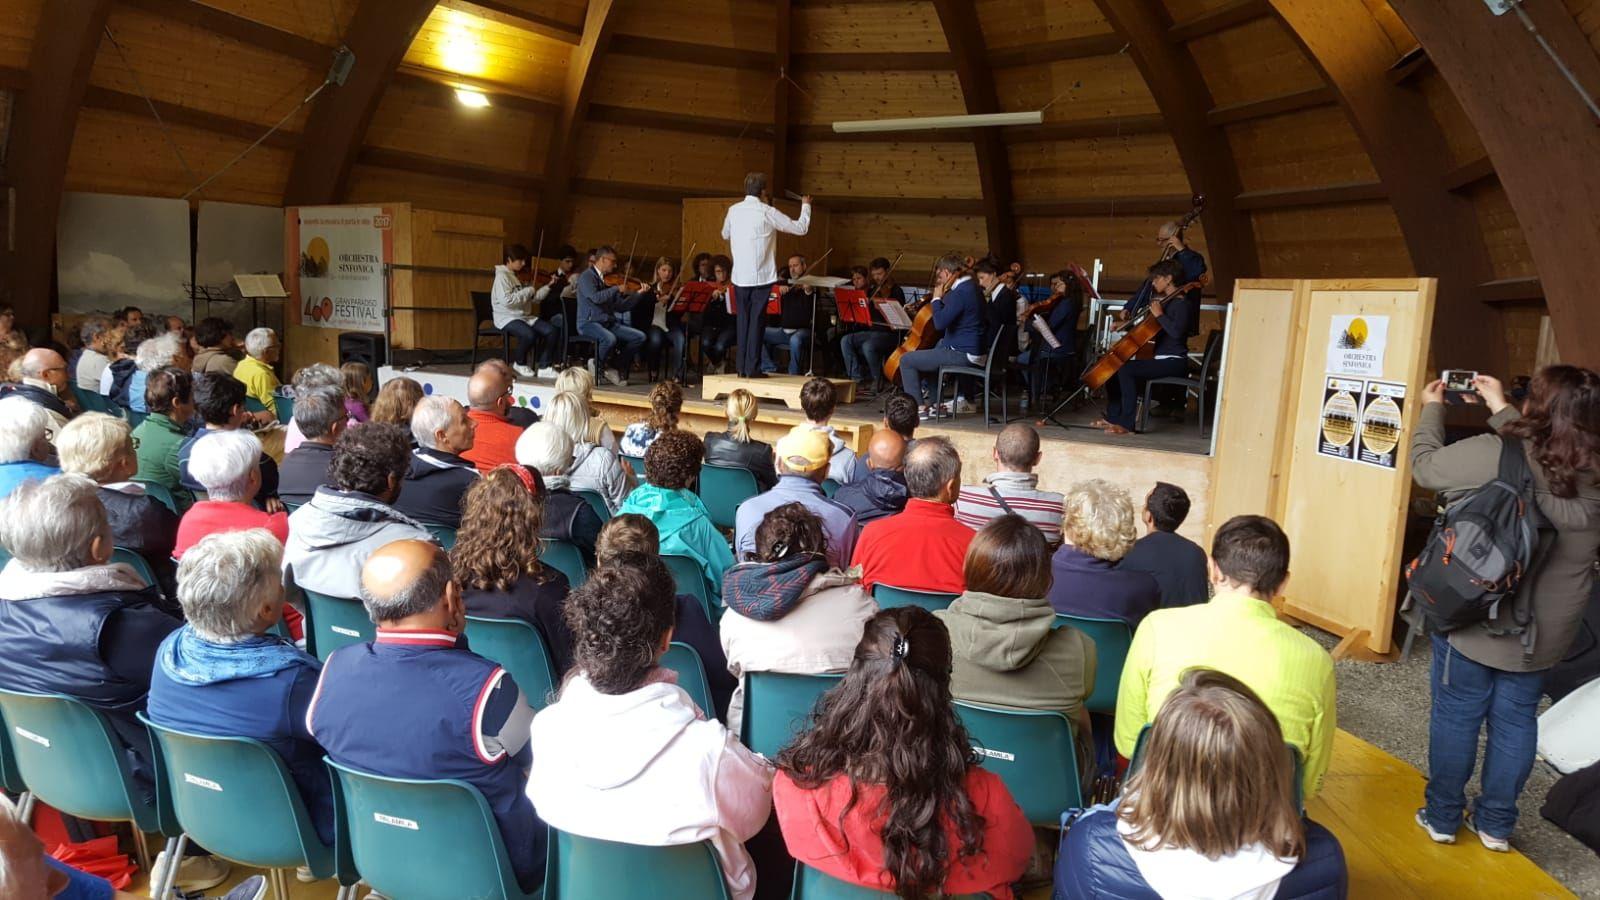 CERESOLE REALE - L'orchestra Gran Paradiso ha ricordato Gianpiero Mattioda - VIDEO